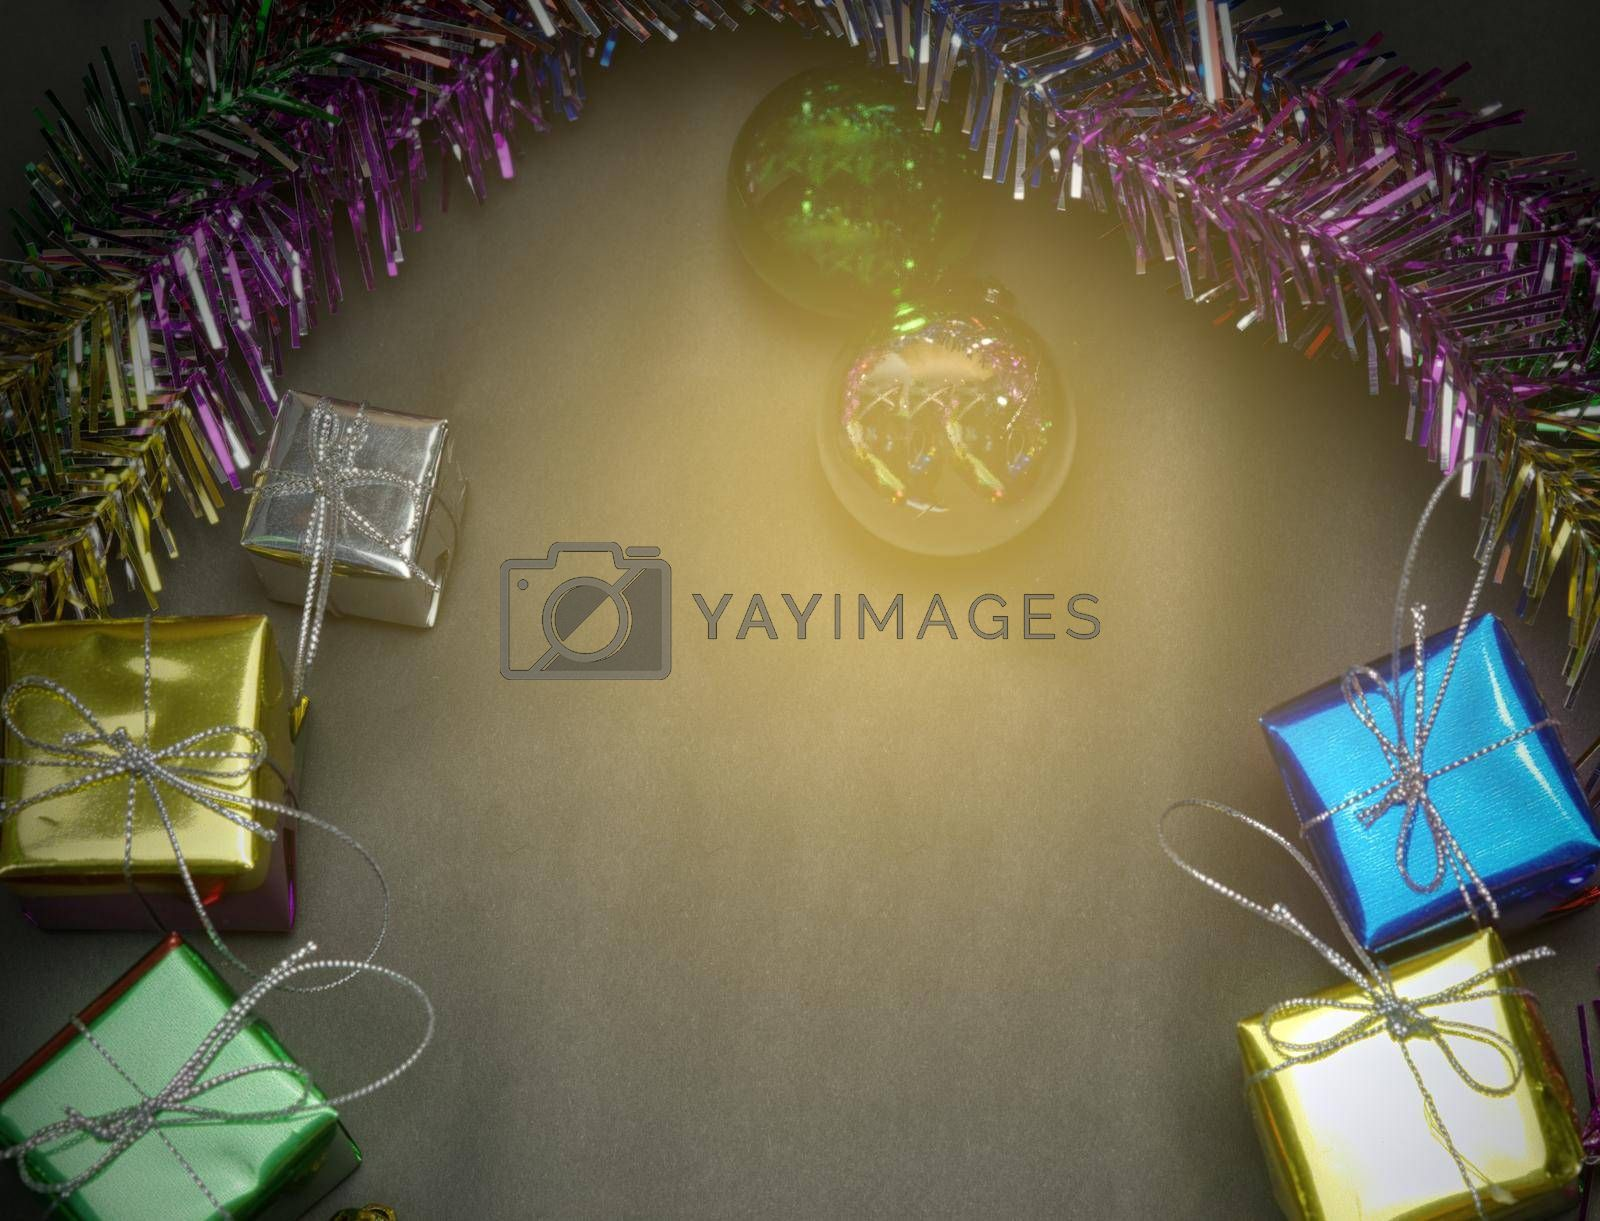 Luxury new year background with shining gift box black background.